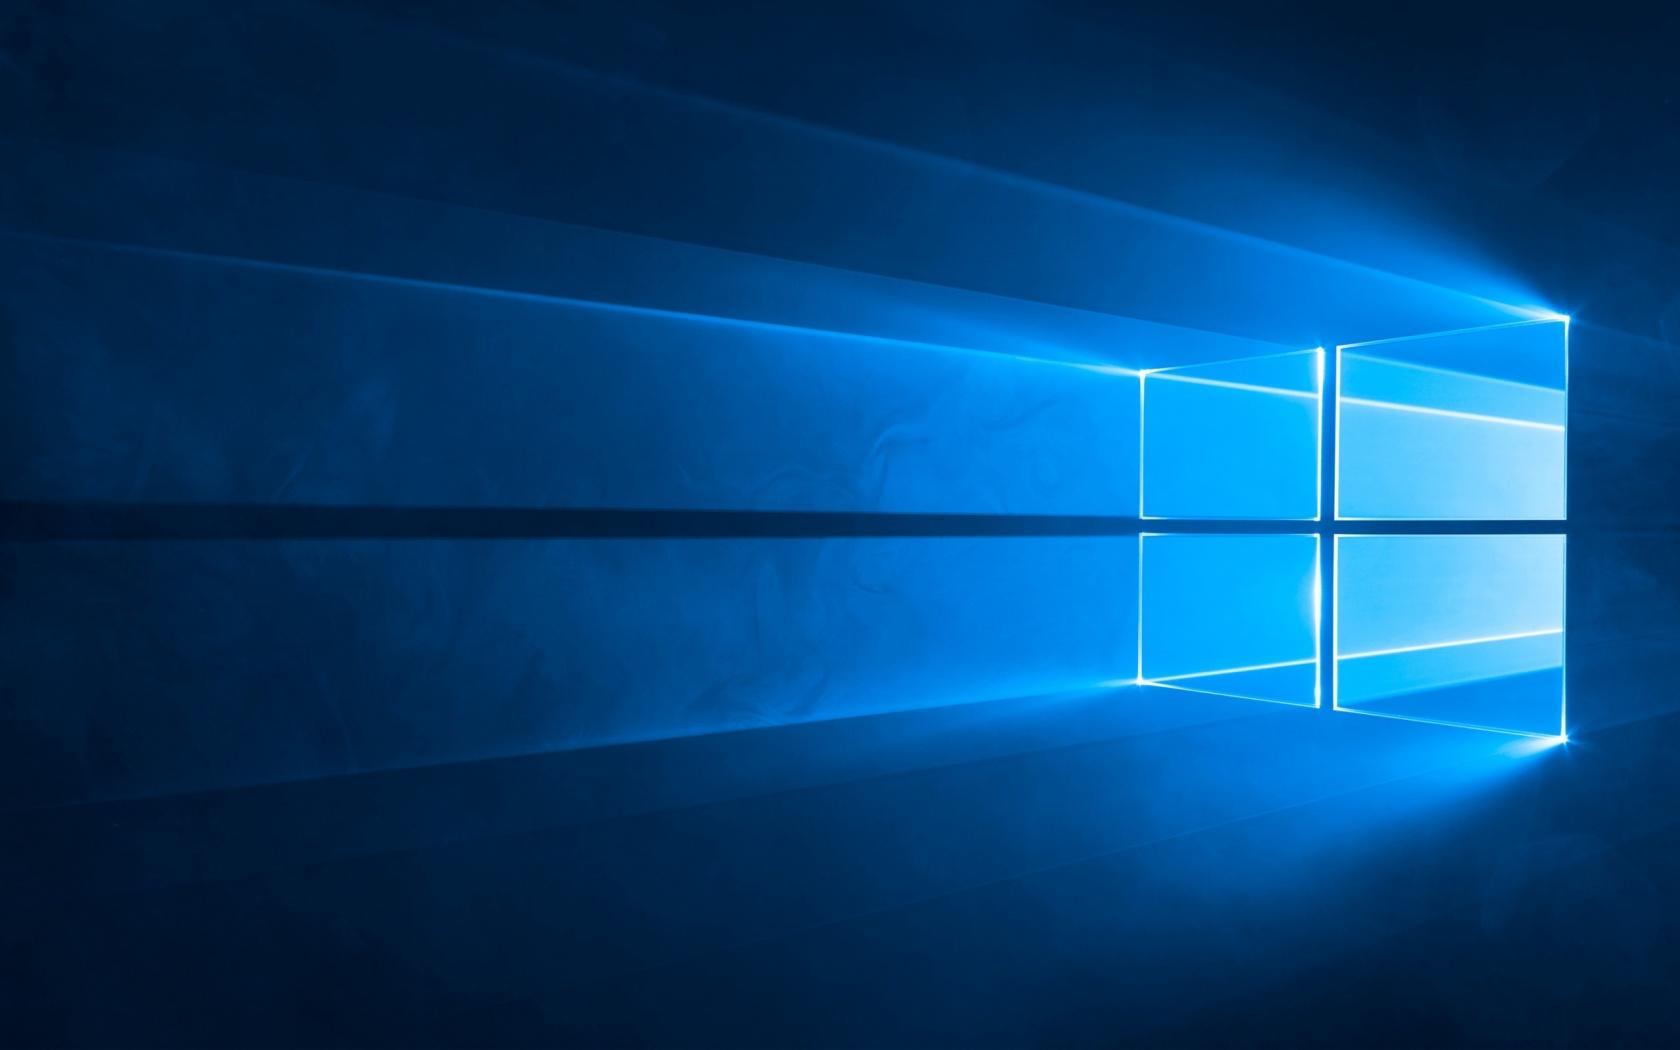 download Windows 10 wallpaper desktop background in 1680x1050 1680x1050